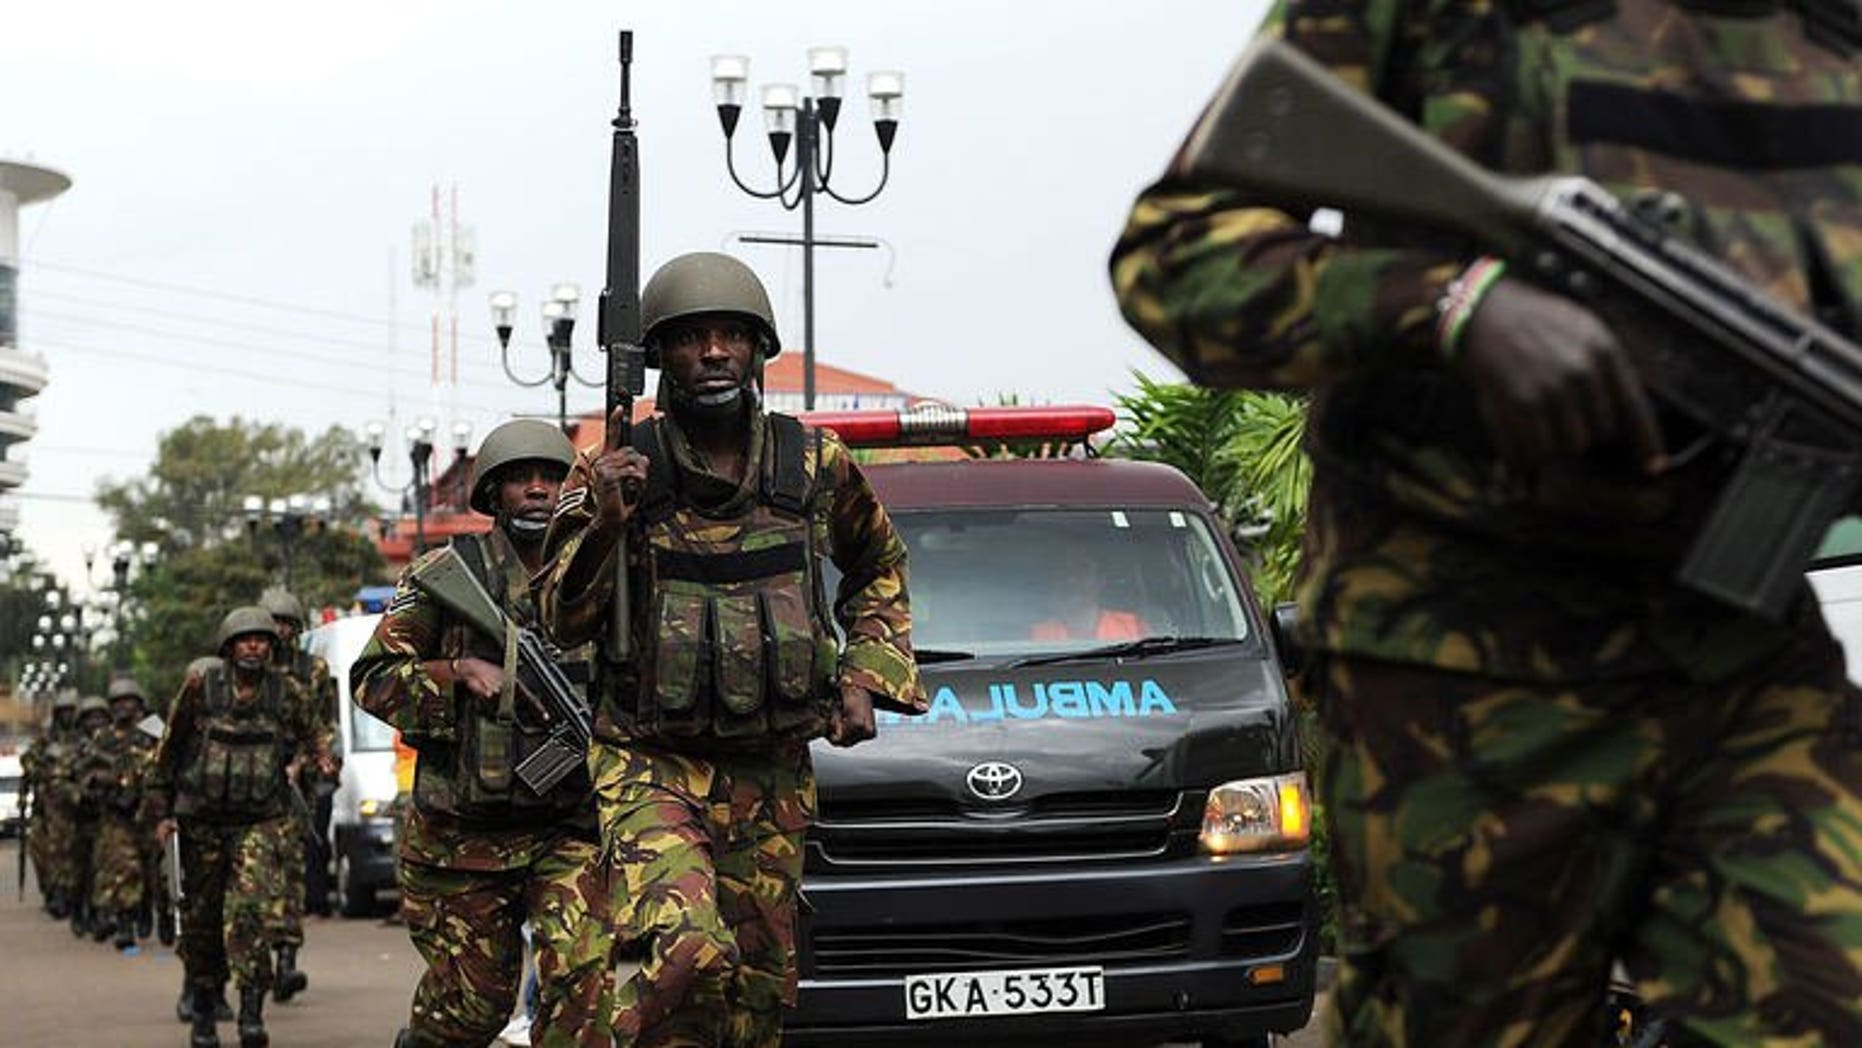 Military personel mobilise on September 21, 2013 outside an upmarket shopping mall in Nairobi.